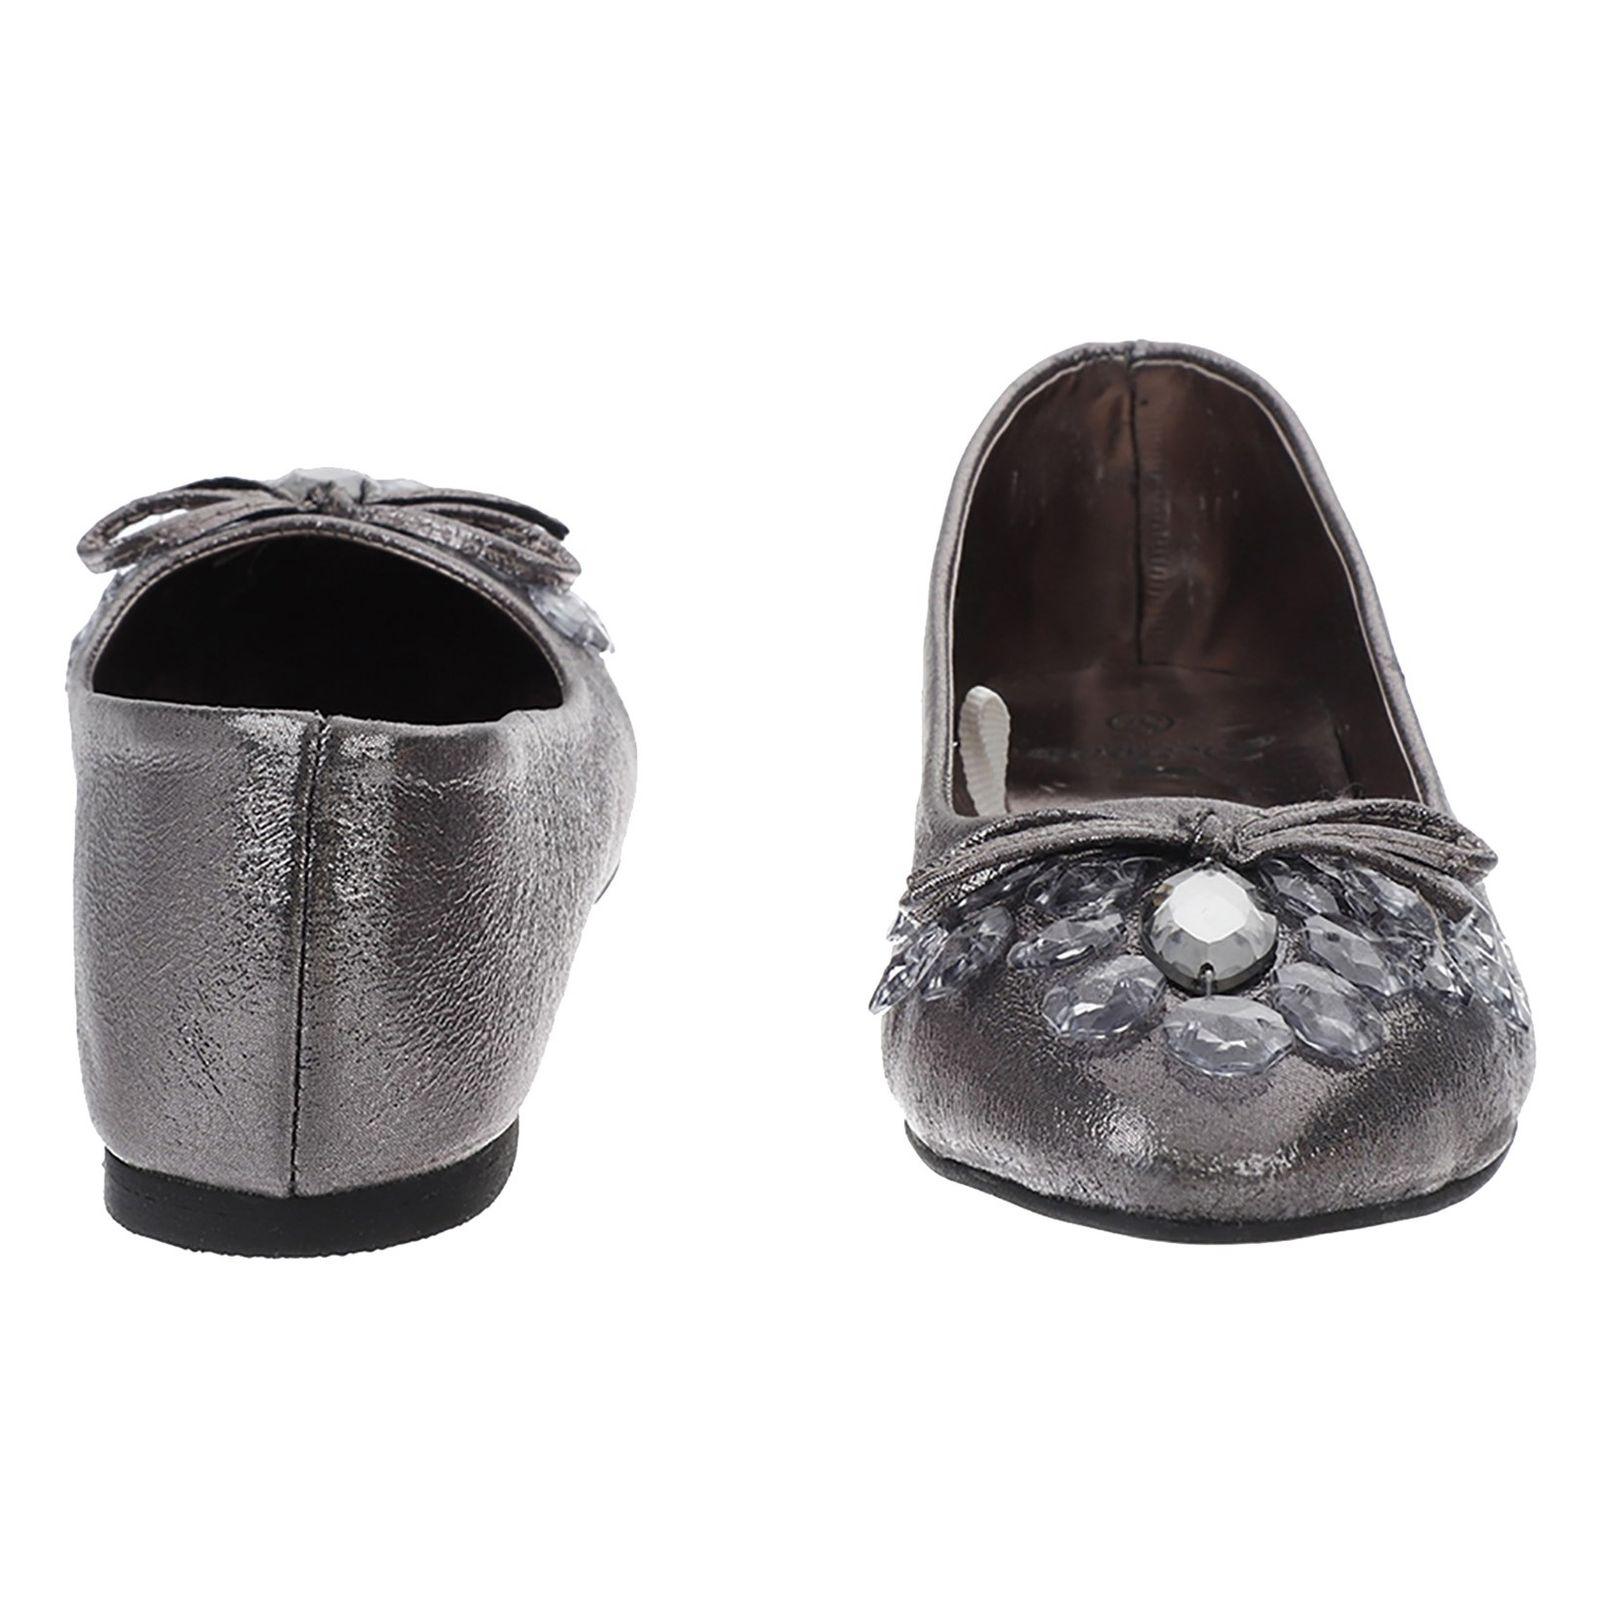 کفش تخت زنانه - دفکتو - نقراه اي براق - 5